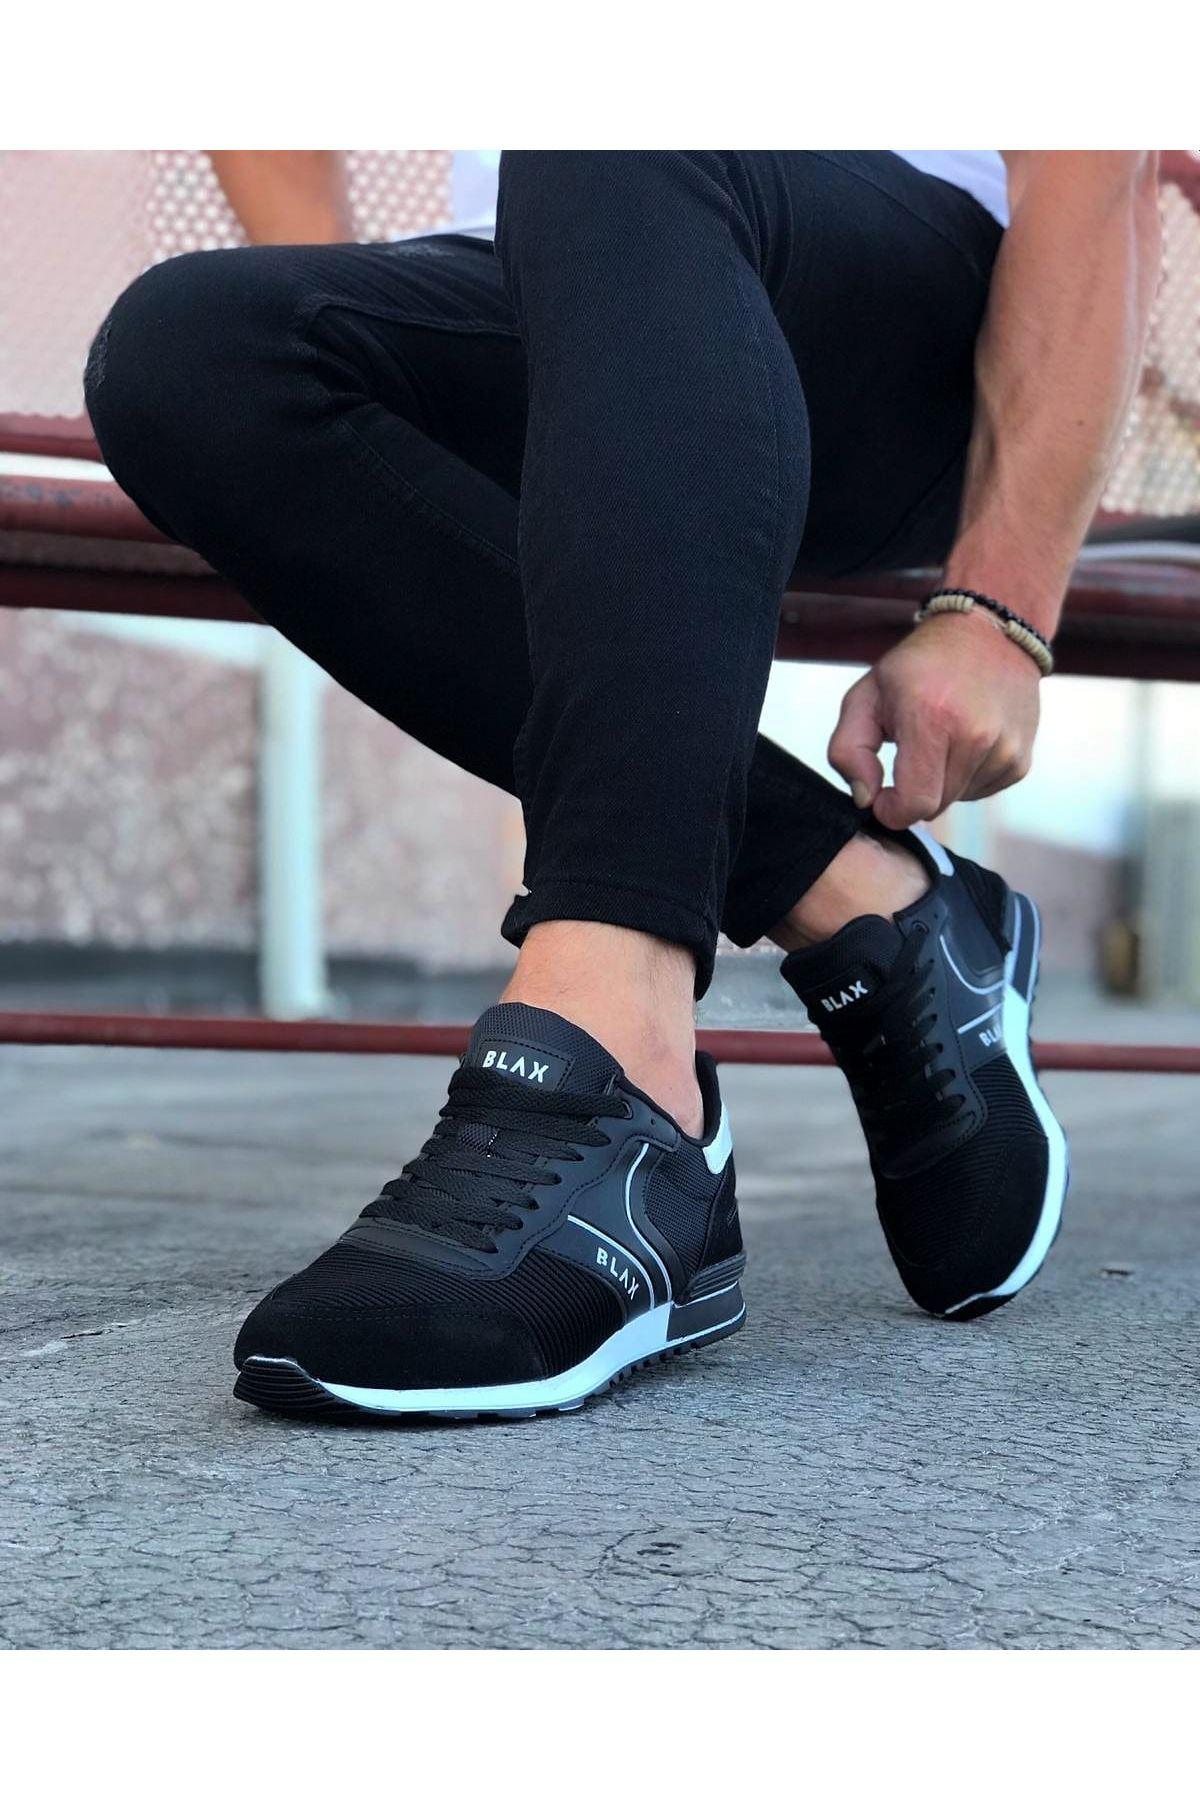 Wagoon WG014 Siyah Erkek Spor Ayakkabı